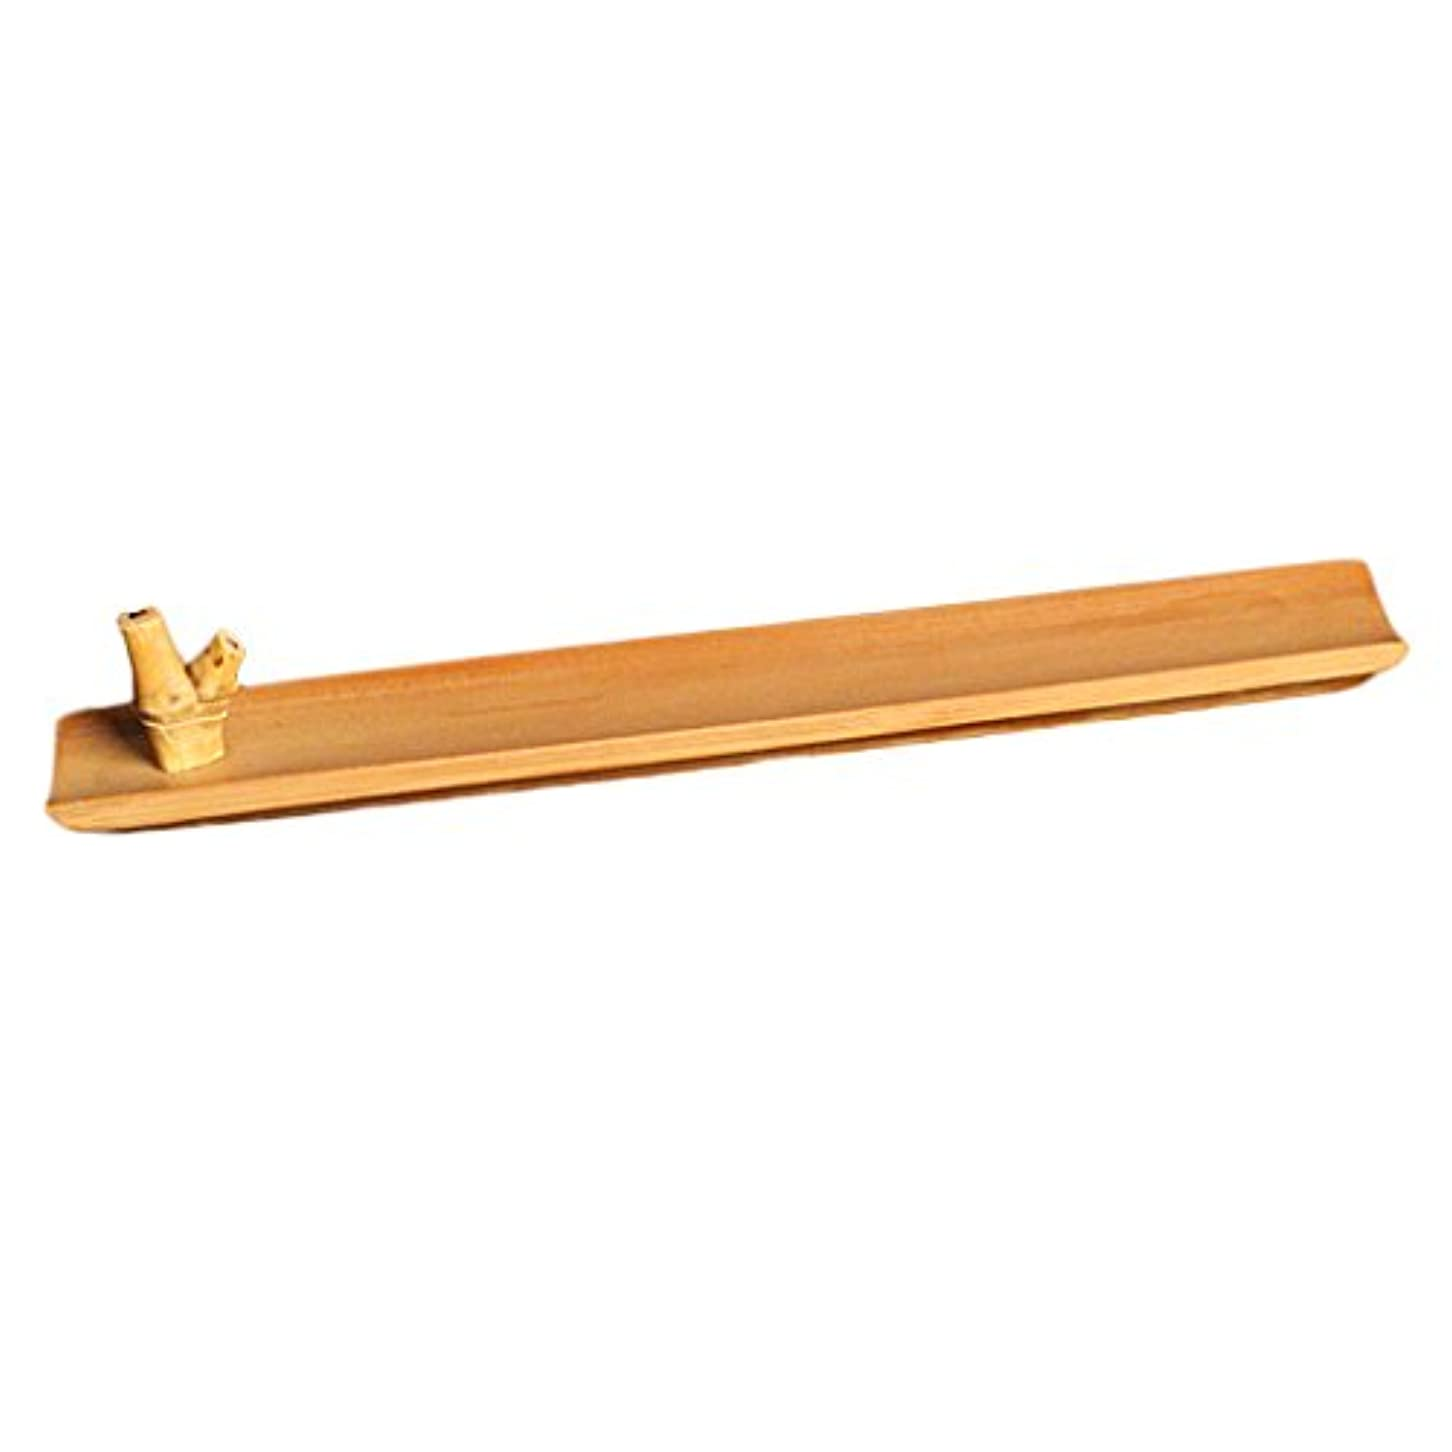 マントル絡み合い嫌悪竹 お香立て スティック 香 ホルダー バーナースティック ブラウン 手作り 工芸品 24センチメートル